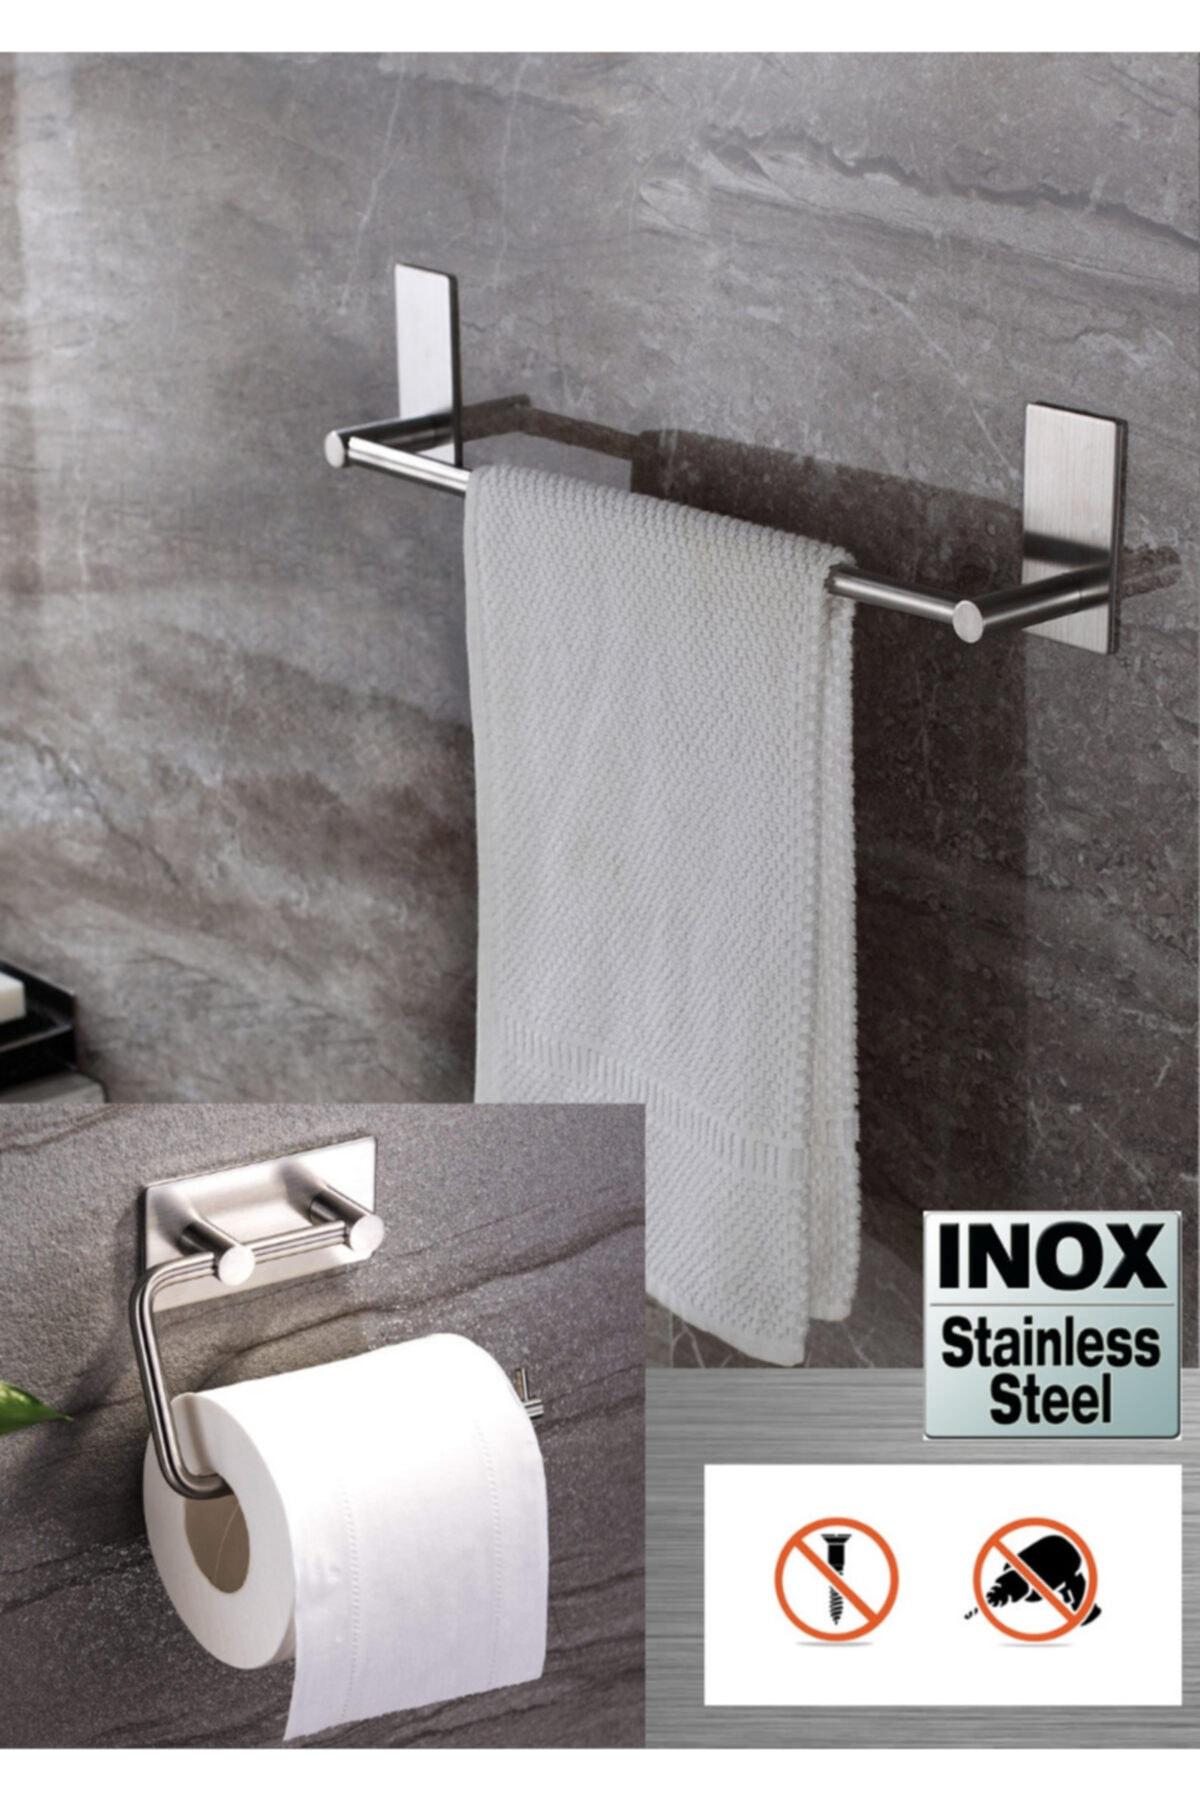 DELTAHOME Paslanmaz Çelik 40cm Havluluk Ve Tuvalet Kağıtlığı Set - Inox 1